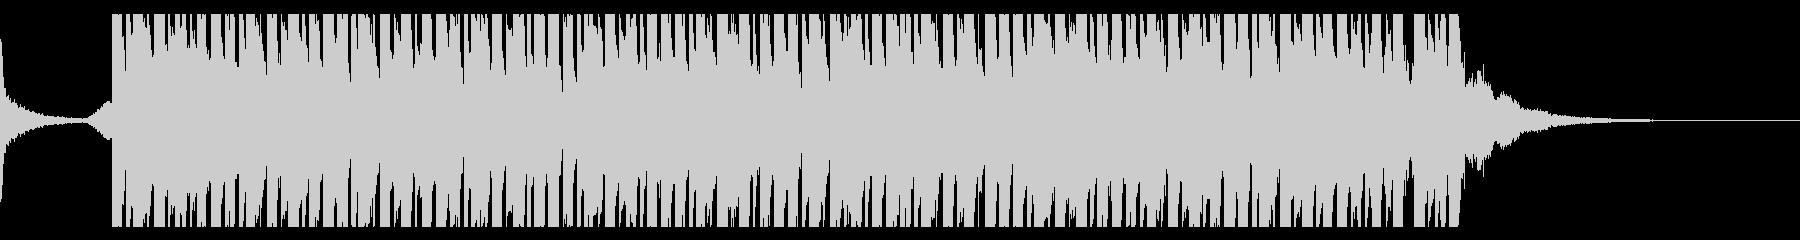 心躍るサマーポップ(30秒)の未再生の波形